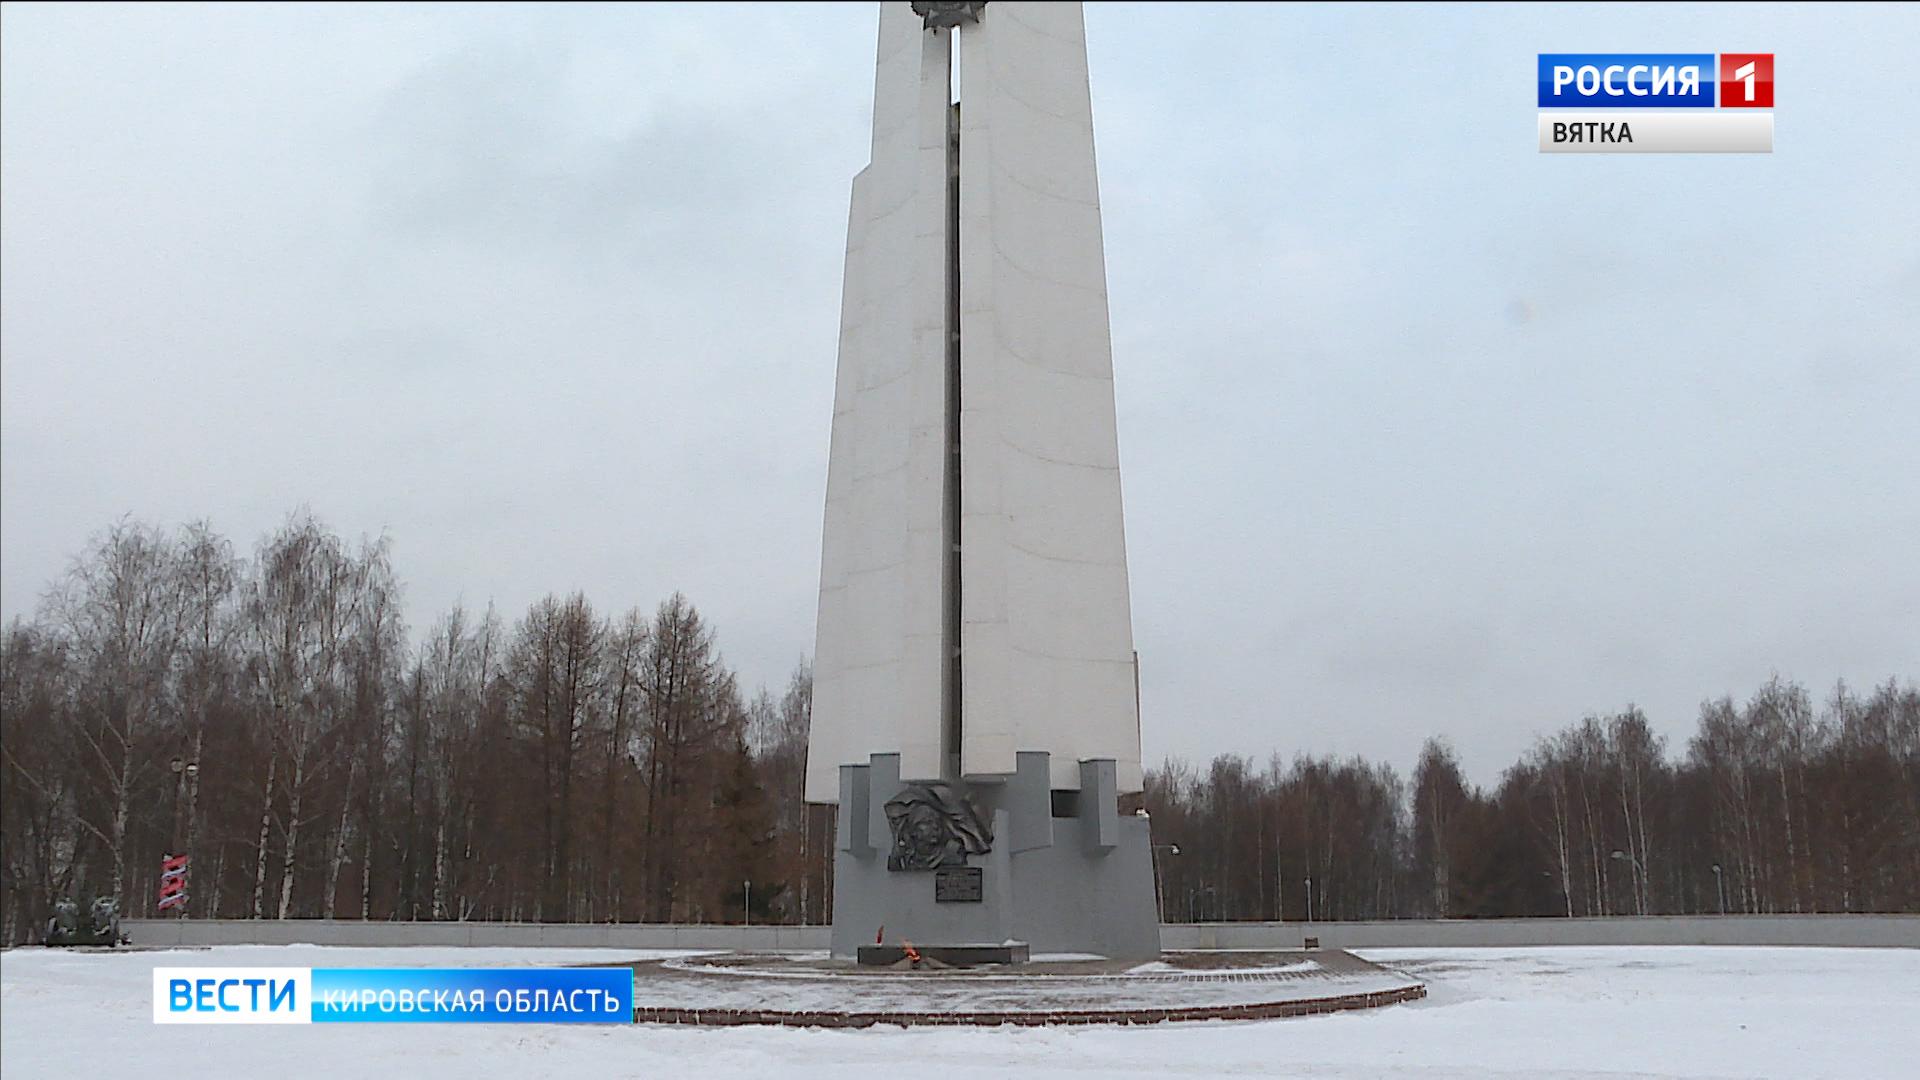 В России отмечается День неизвестного солдата